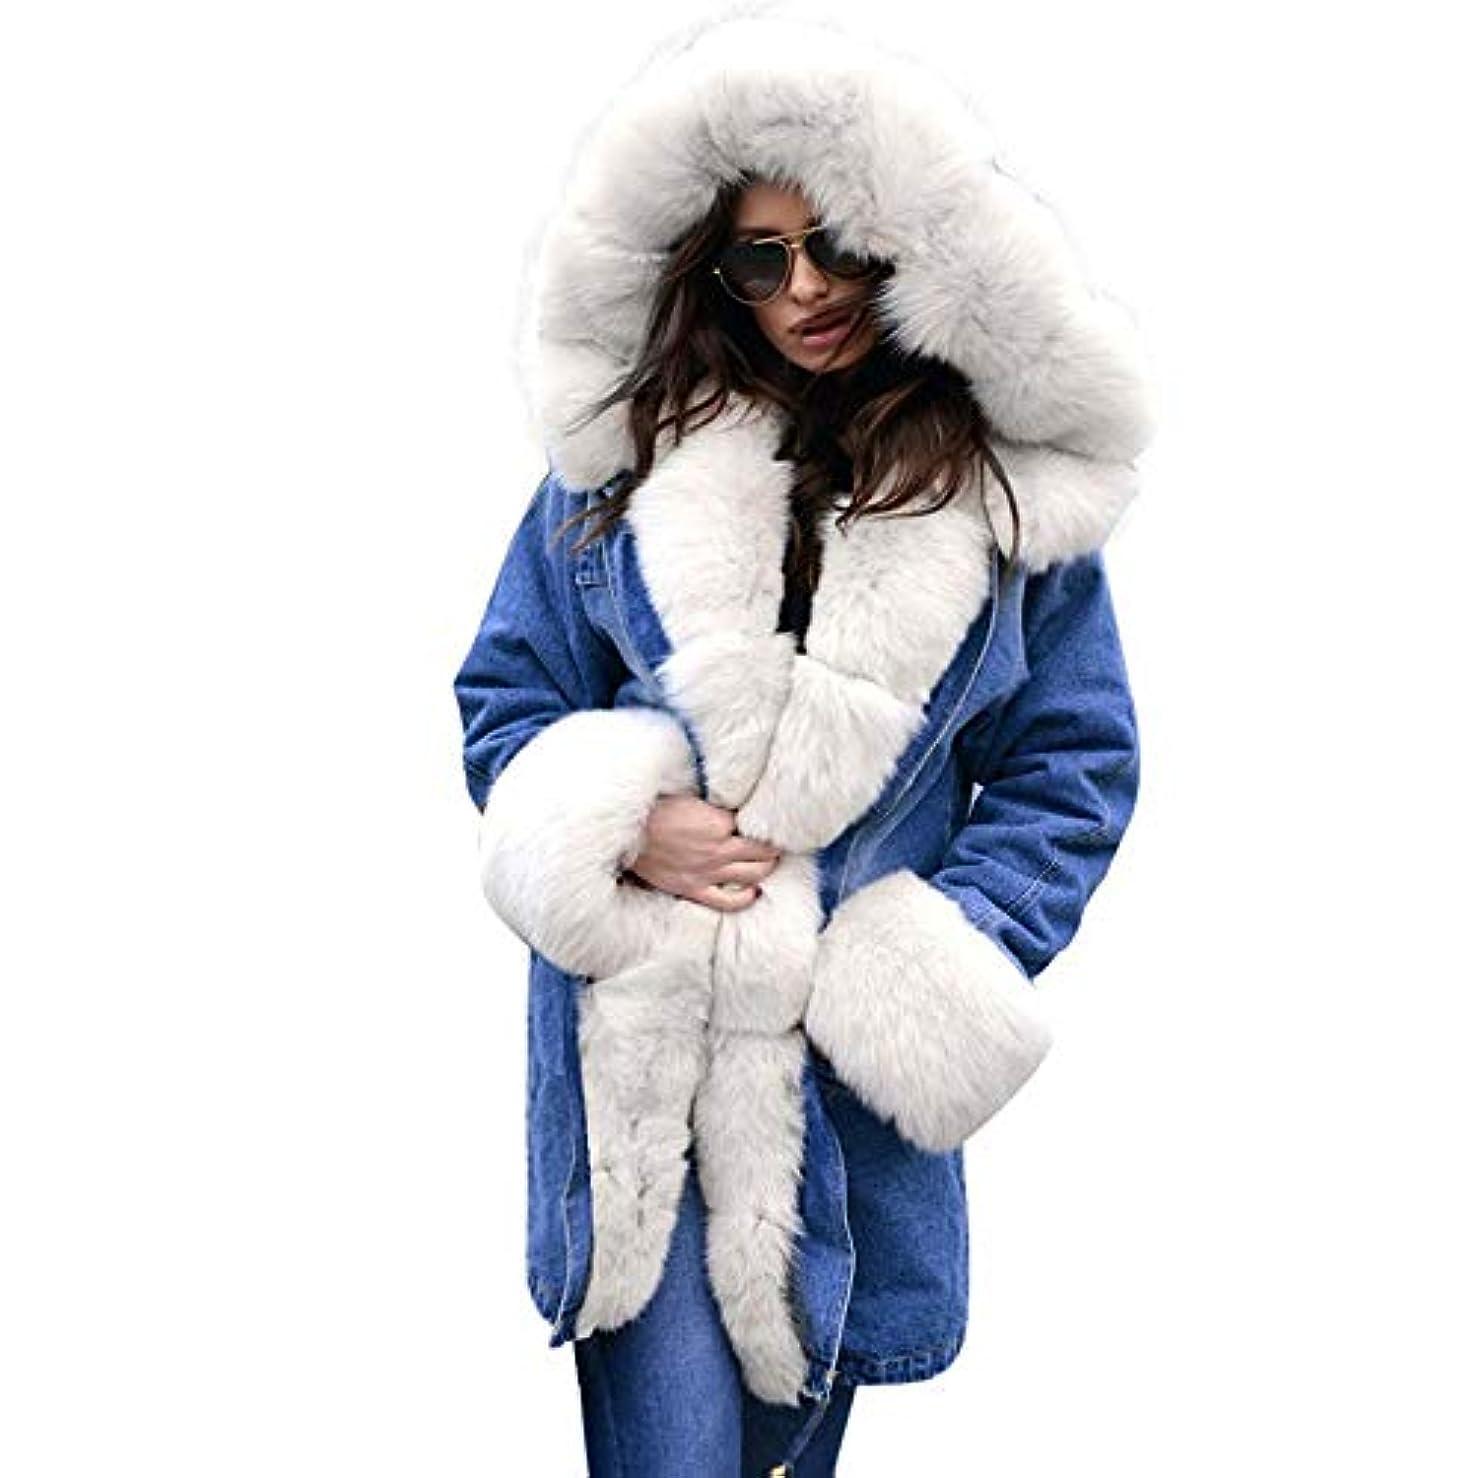 ファッションウィンタージャケット女性ウォームコートフェイクファーコットンフリースオーバーコート女性ロングフードコートパーカスパーカー,L